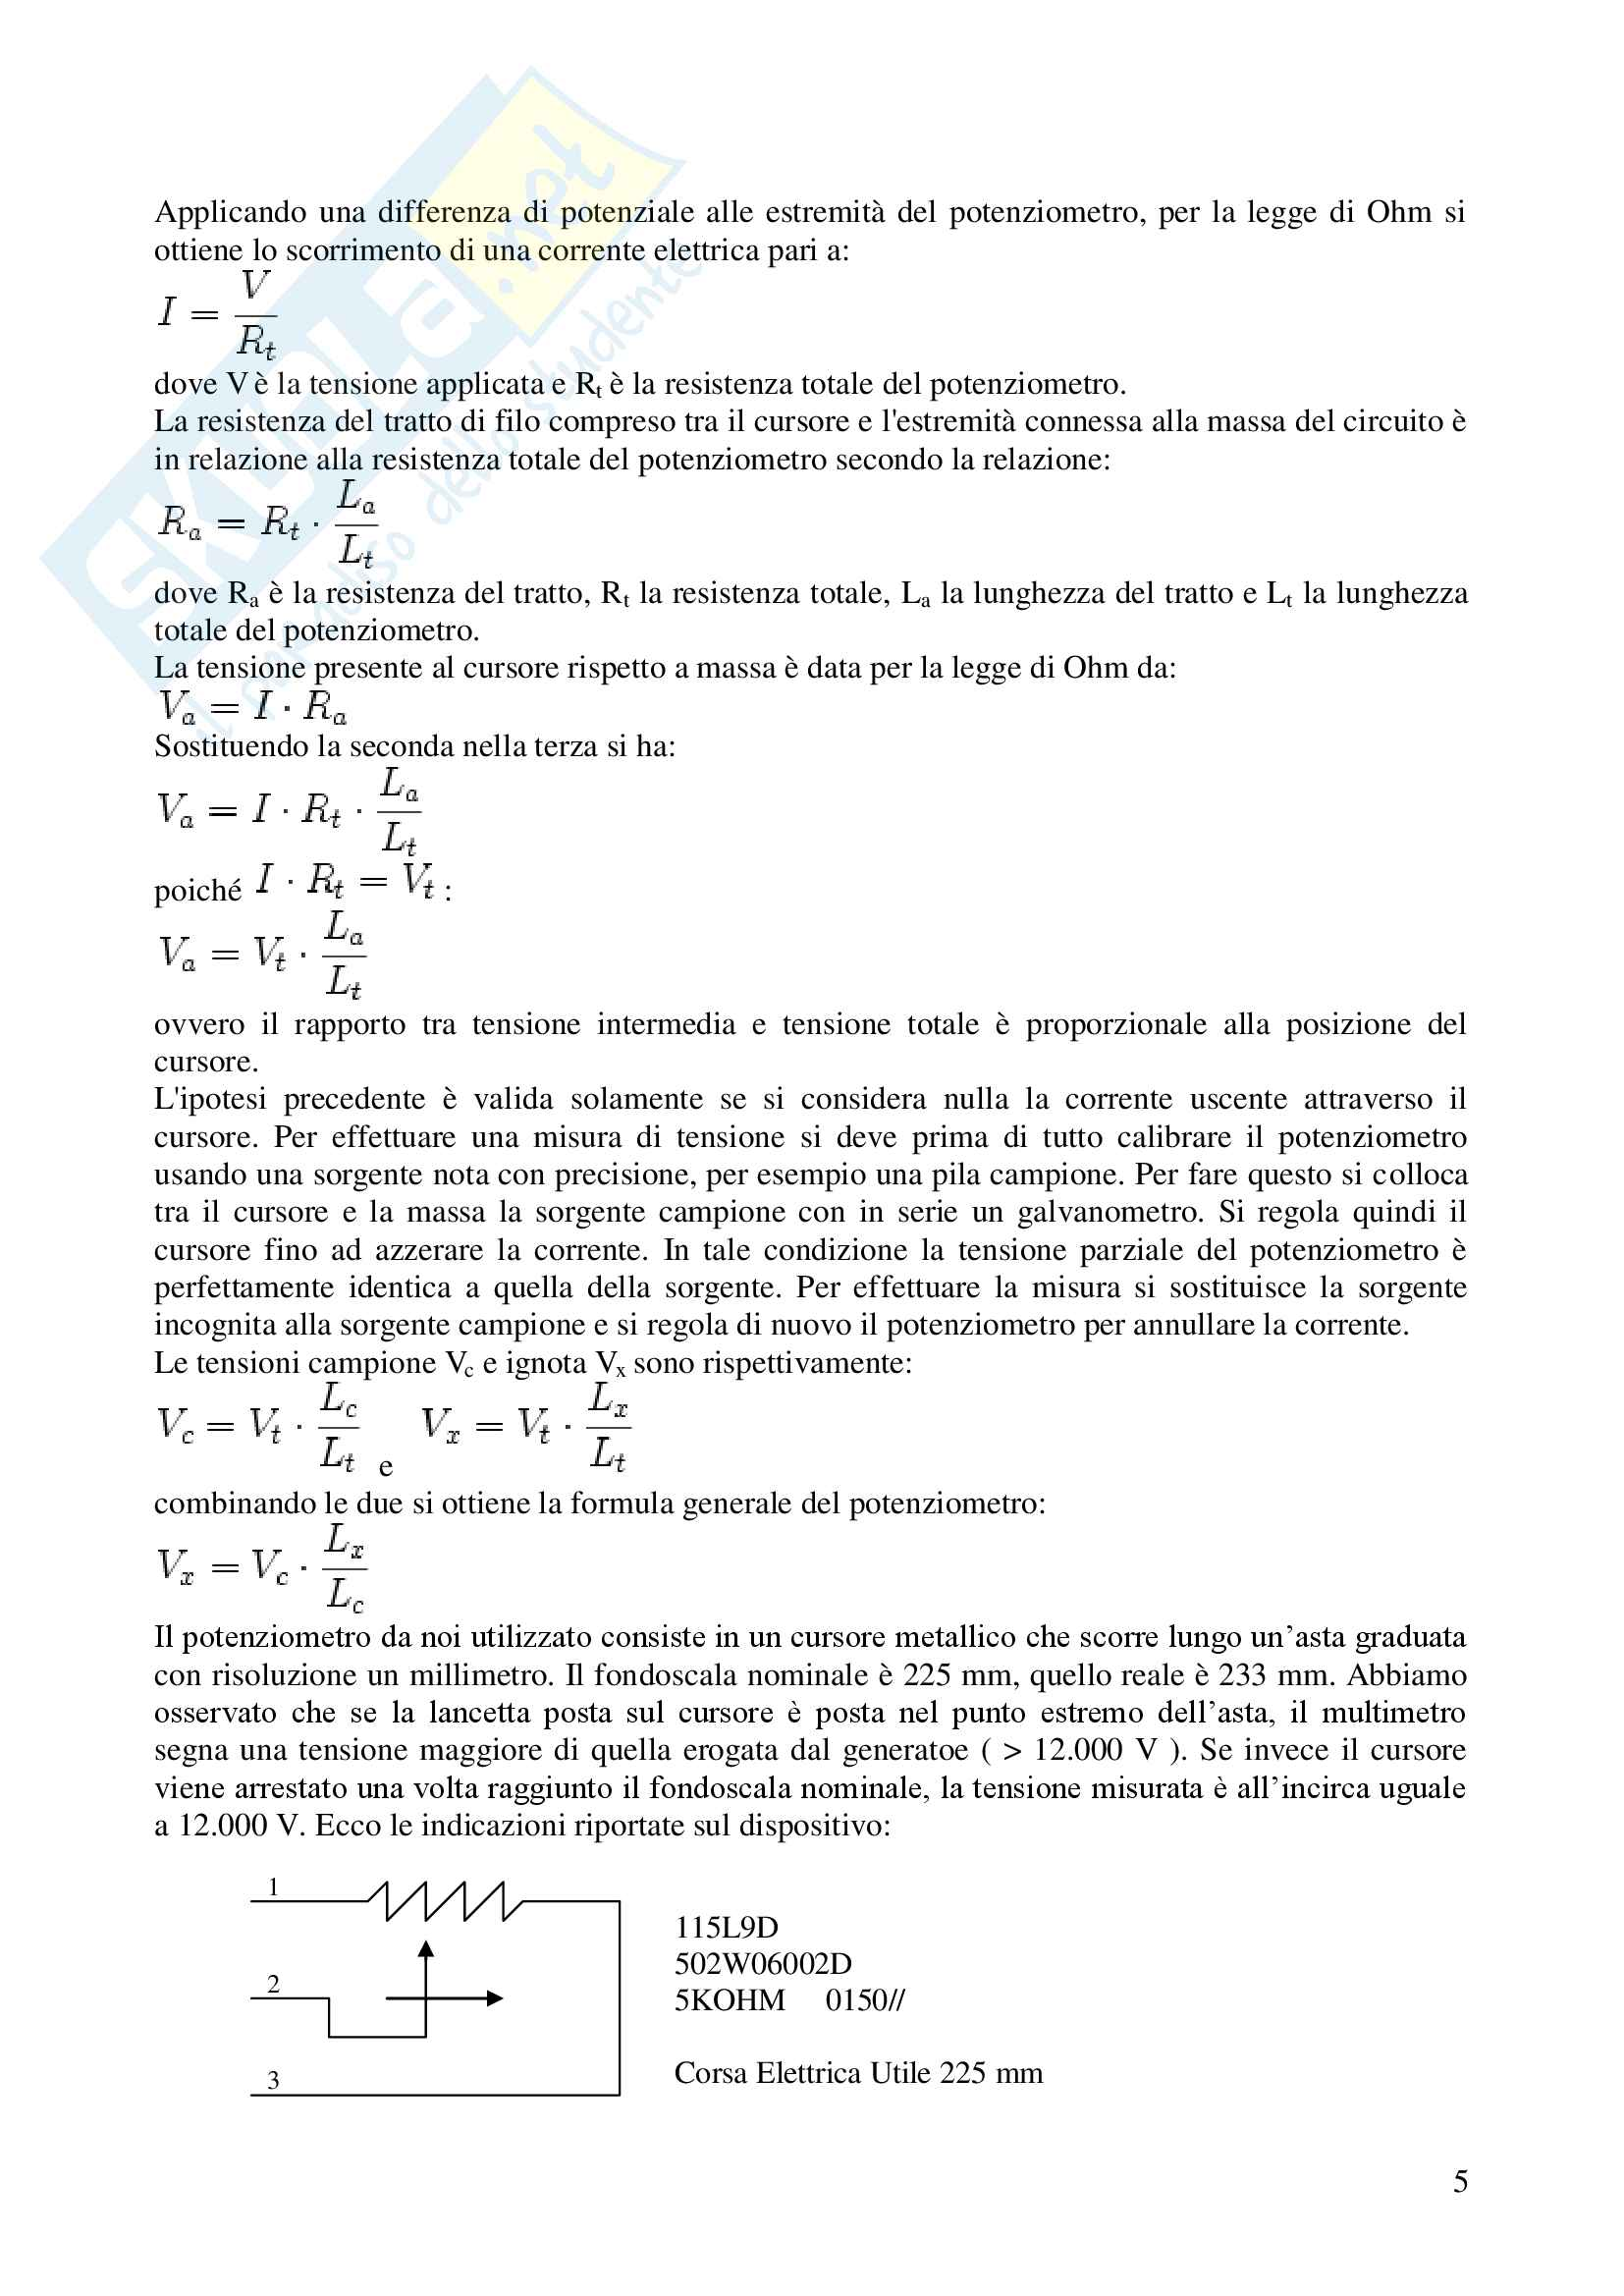 Taratura Statica: determinazione della curva di taratura dello strumento (potenziometro) Pag. 6